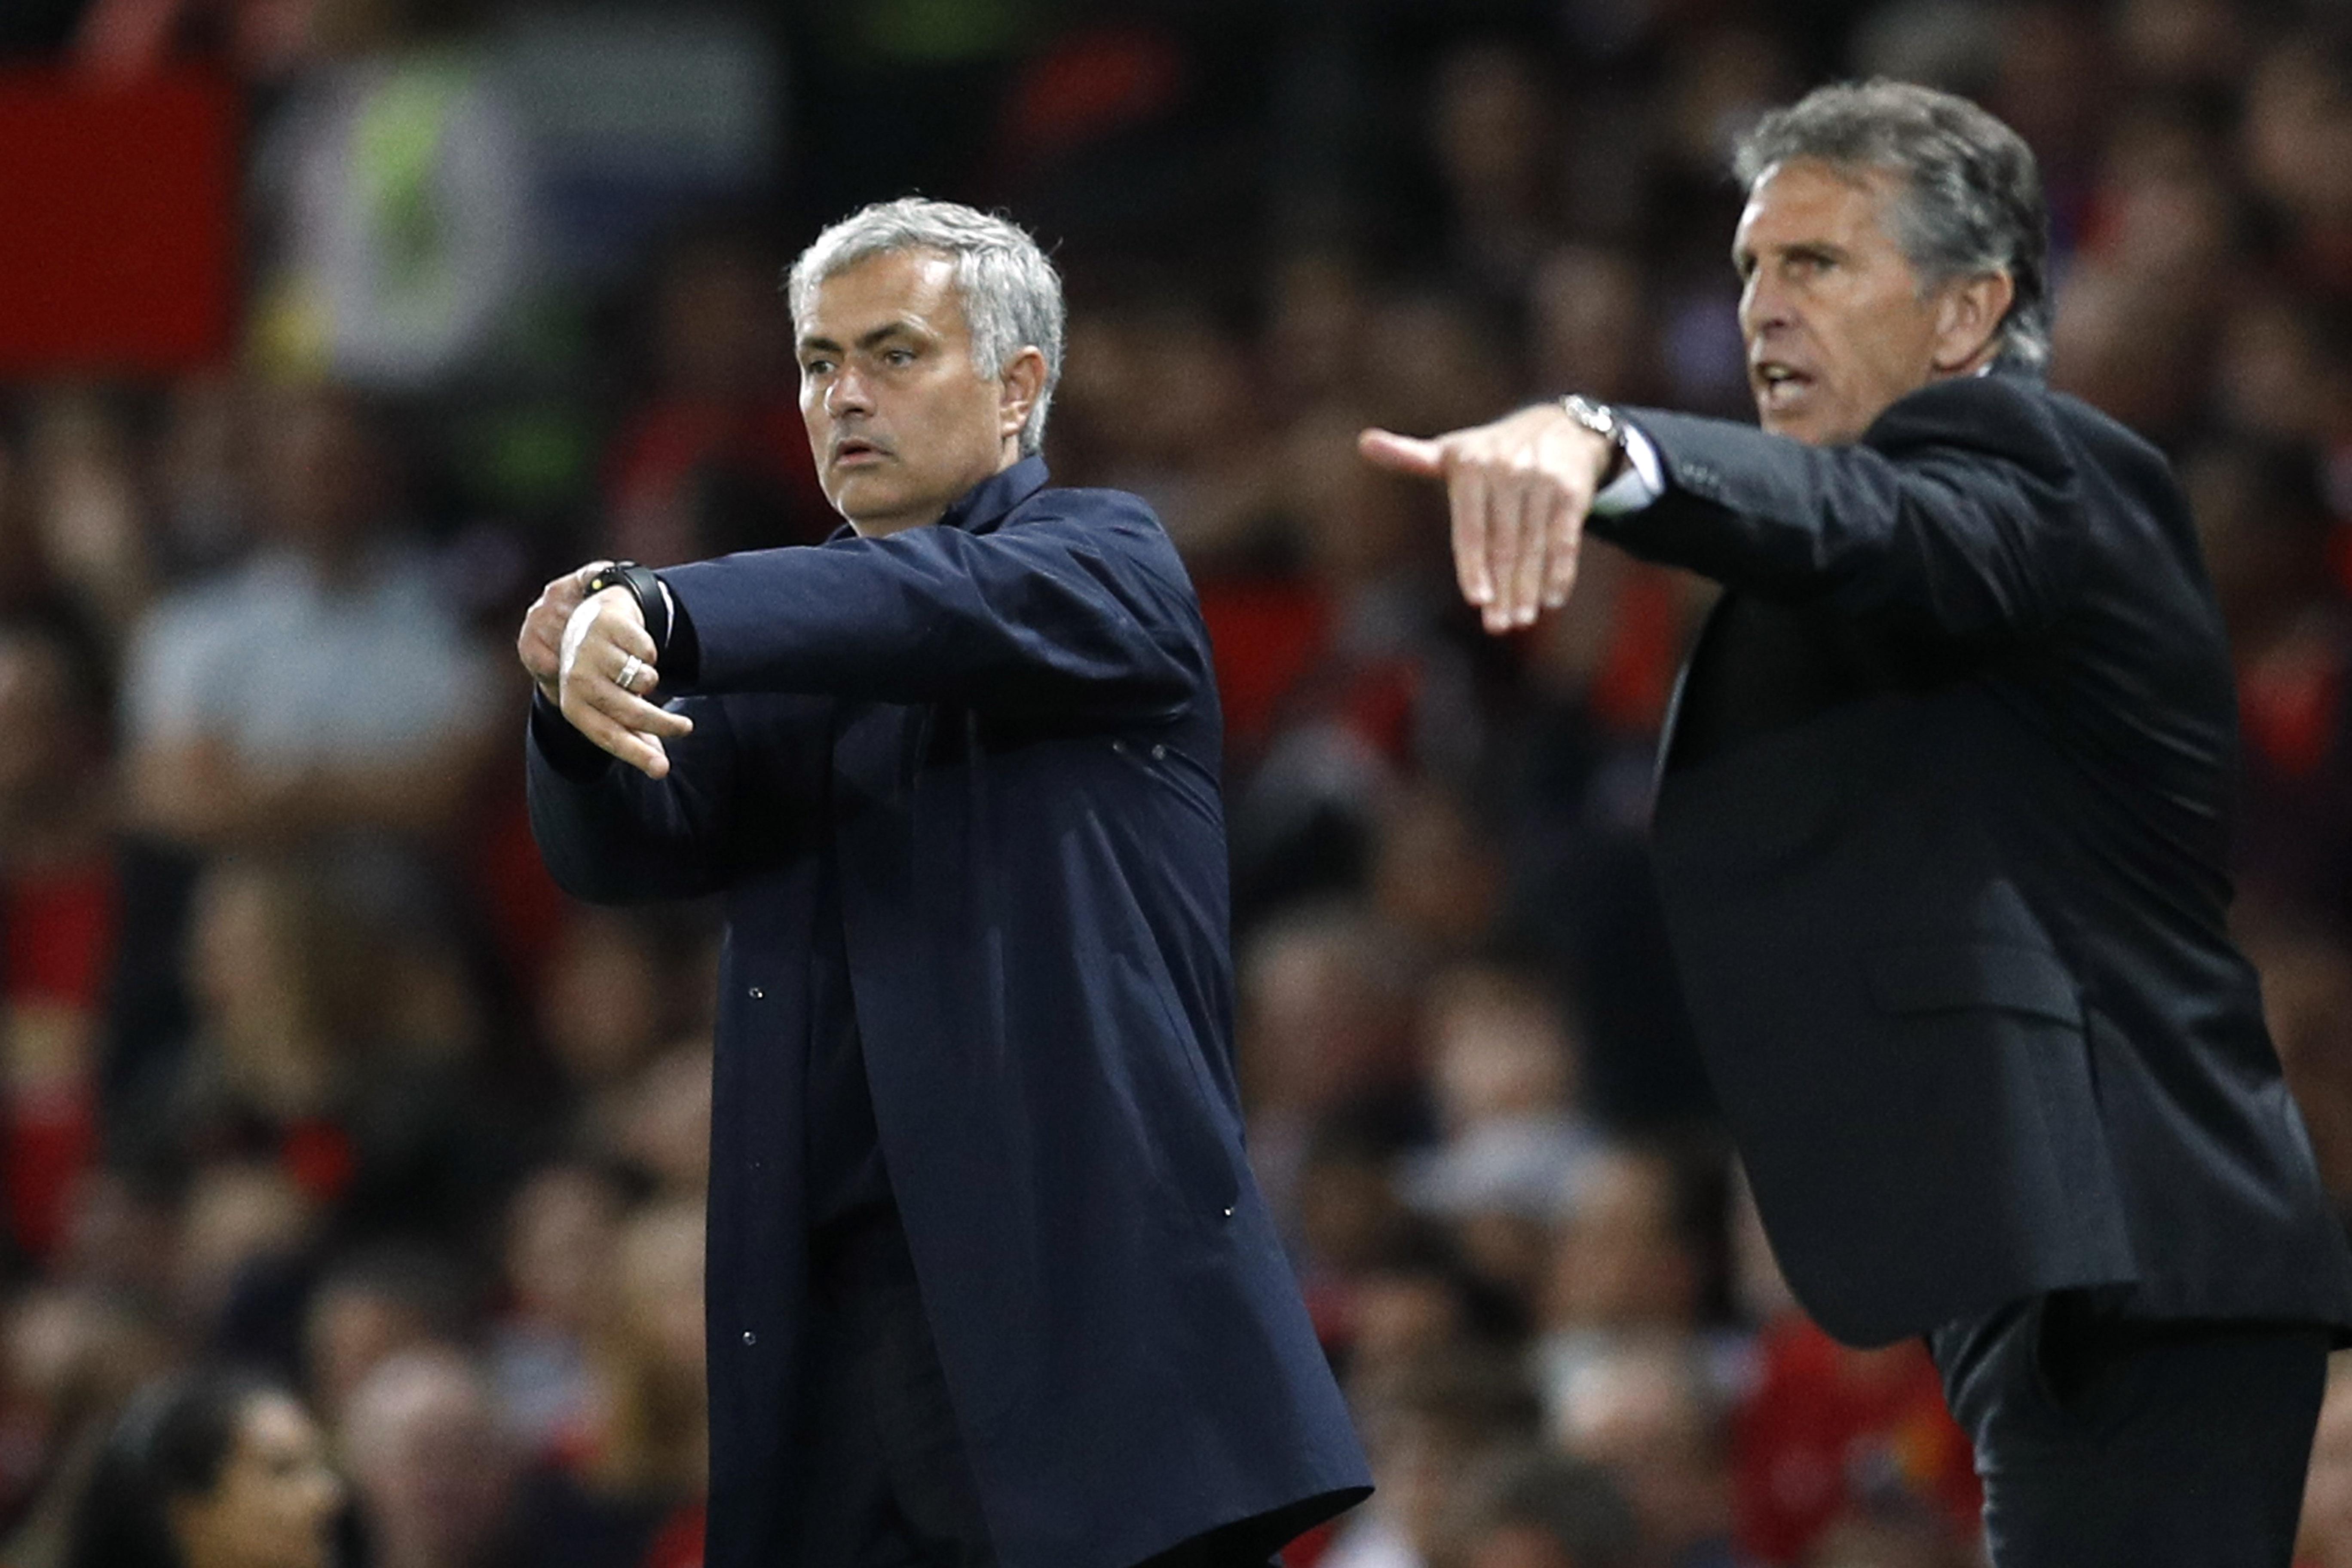 Football - Etranger - En finale à Wembley, Puel et Mourinho ont des choses à se prouver